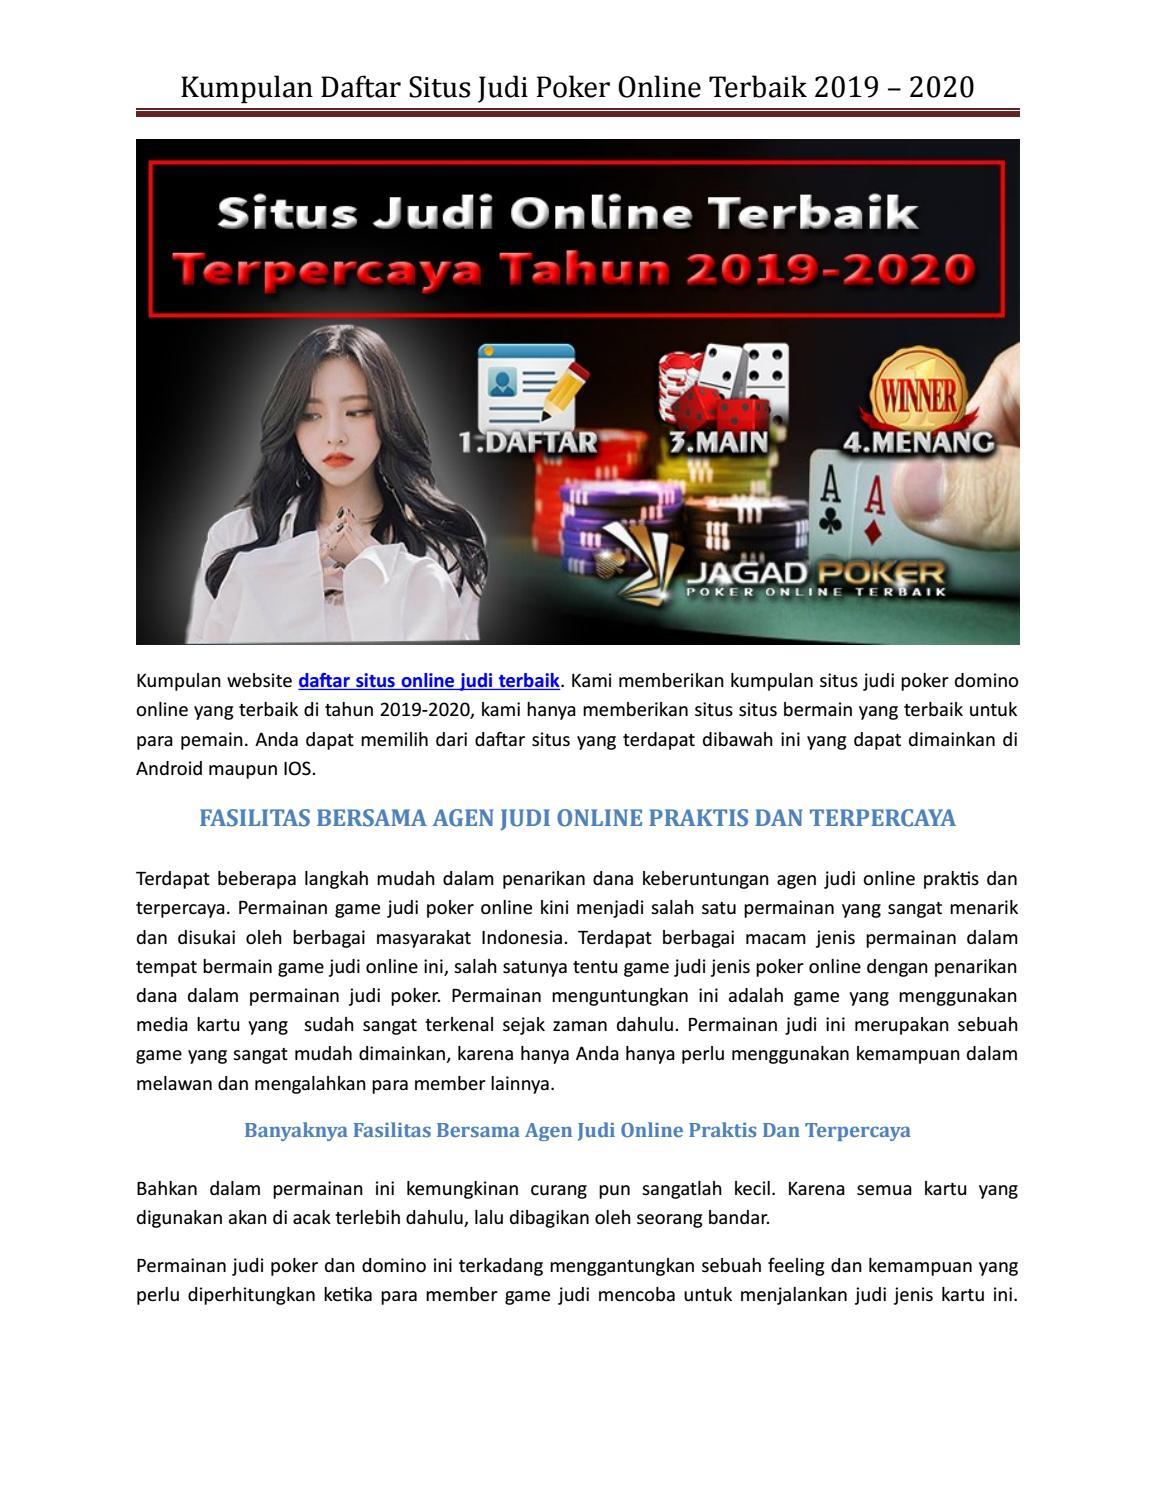 Kumpulan Daftar Situs Judi Poker Online Terbaik 2019 2020 By Pokerpkvgames Com Issuu